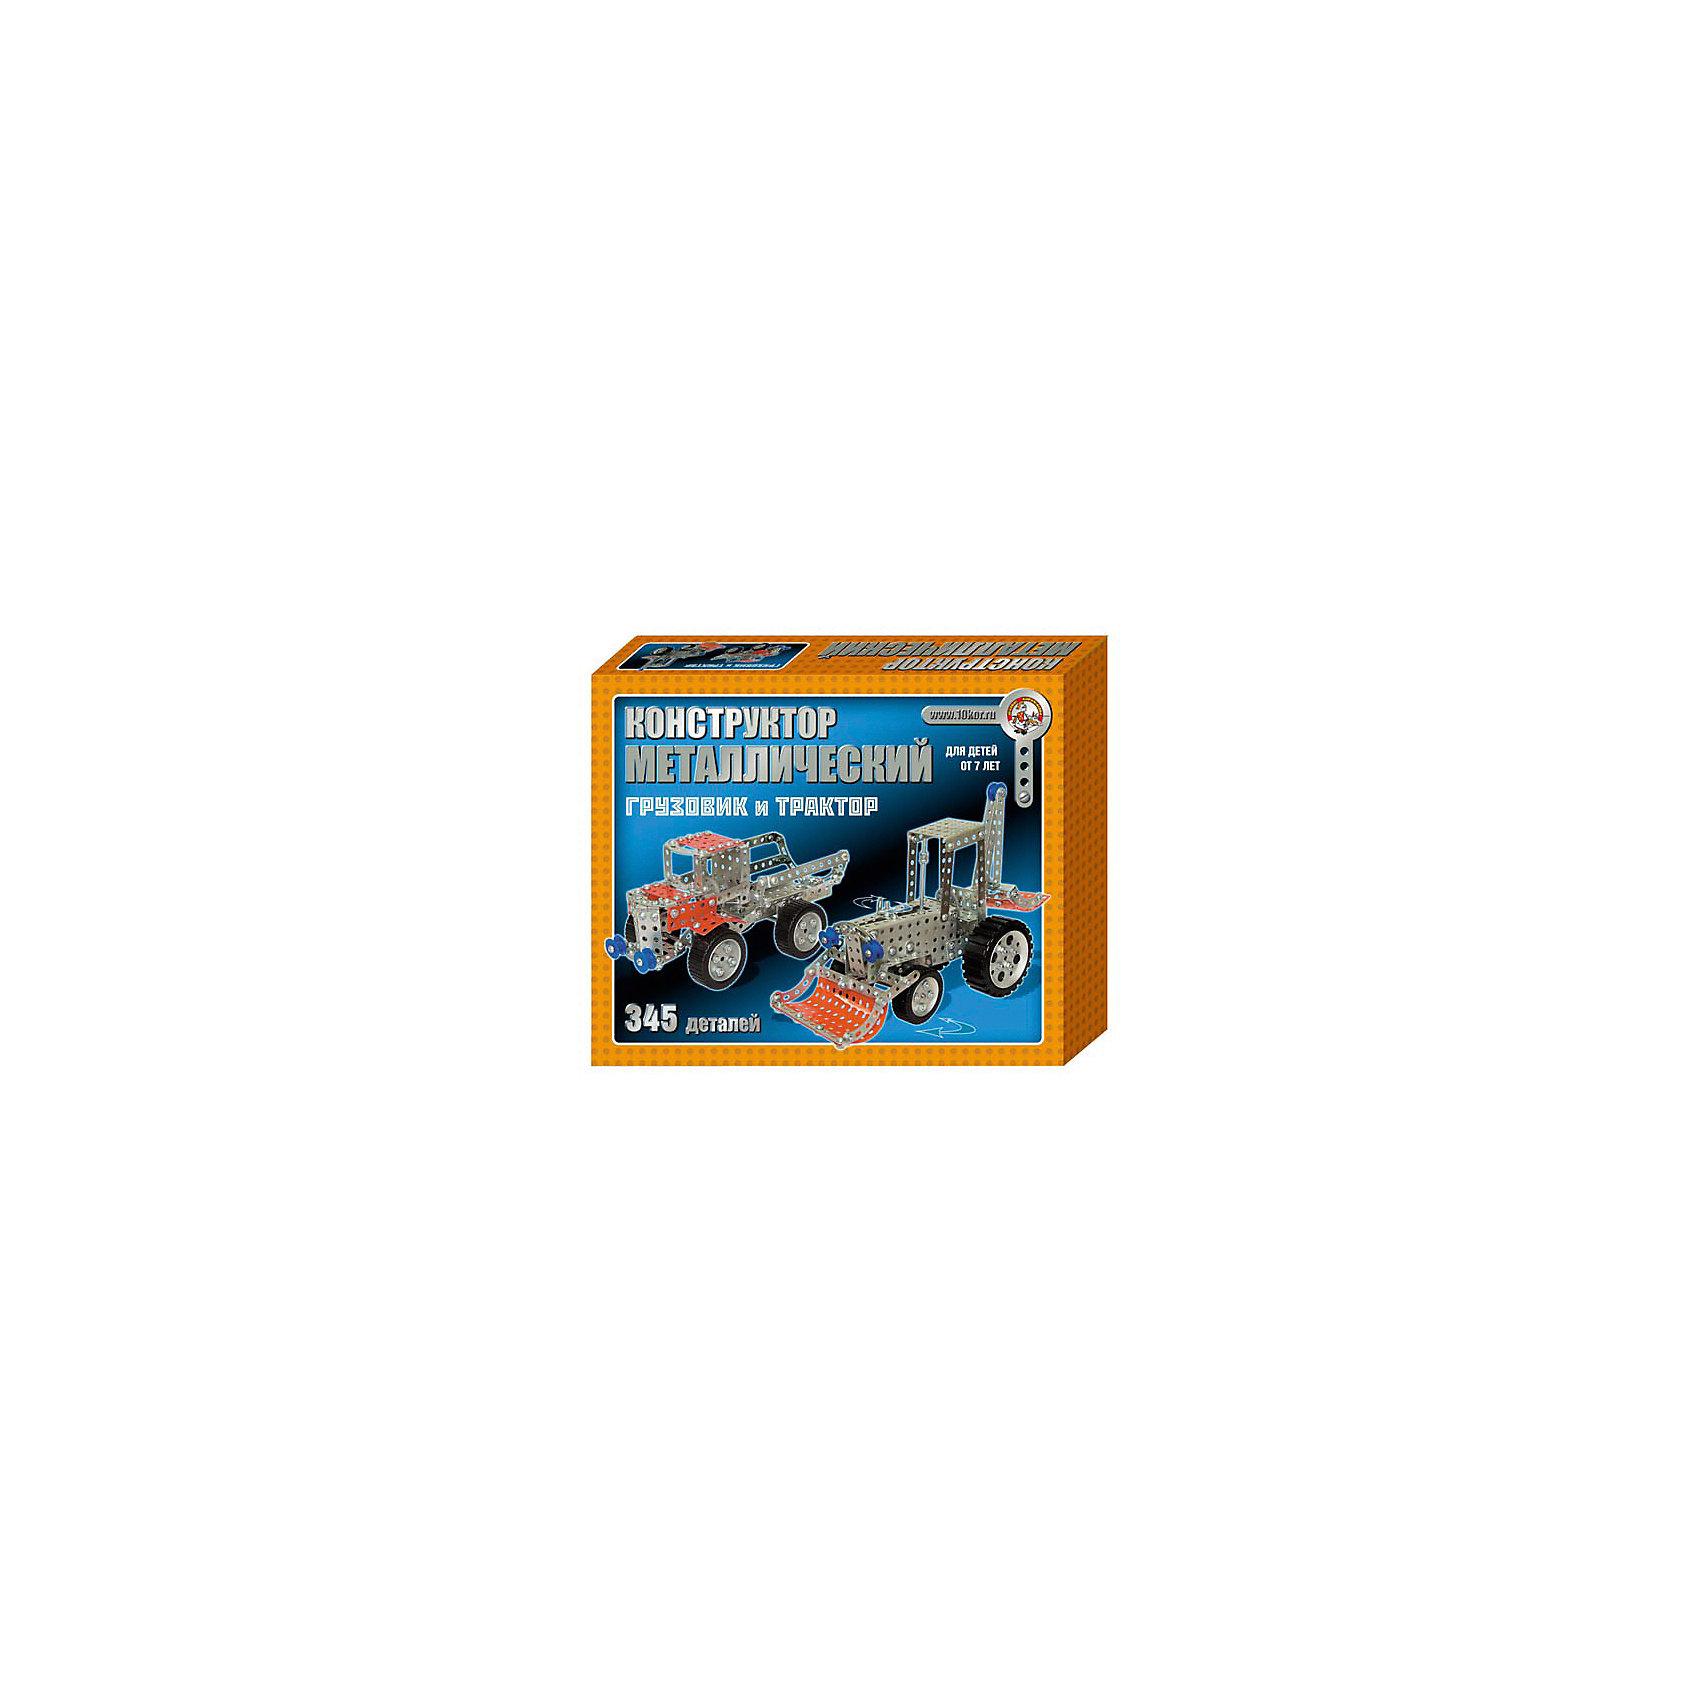 Конструктор металлический Грузовик и трактор, 345 деталей, Десятое королевствоМеталлические конструкторы<br>Конструктор металлический Грузовик и трактор, 345 деталей, Десятое королевство<br><br>Характеристики: <br><br>• Возраст: от 6 лет<br>• Материал: металл<br>• В комплекте: 345 детали<br><br>Данный металлический конструктор состоит из различных по размеру деталей и позволяет собрать множество видов транспорта и техники. Он создан из качественного, безопасного для детей материала и в него удобно играть, как в одиночку, так и в компании. Набор содержит инструкцию для удобства сборки и соответствует передовым требованиям качества.<br><br>Конструктор металлический Грузовик и трактор, 345 деталей, Десятое королевство можно купить в нашем интернет-магазине.<br><br>Ширина мм: 345<br>Глубина мм: 270<br>Высота мм: 60<br>Вес г: 1048<br>Возраст от месяцев: 84<br>Возраст до месяцев: 2147483647<br>Пол: Мужской<br>Возраст: Детский<br>SKU: 5473802